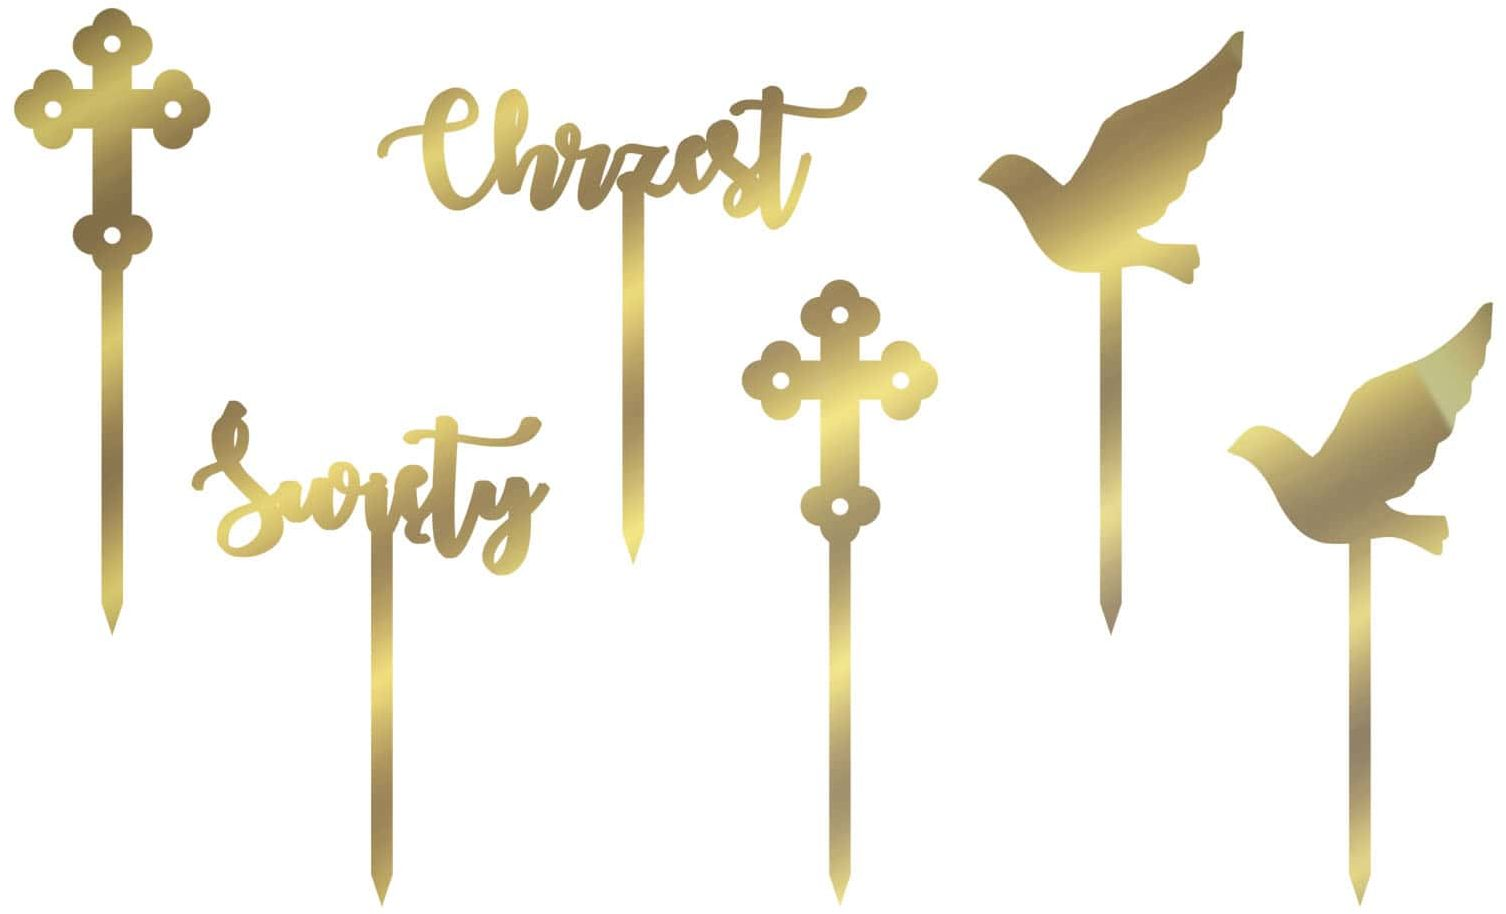 Dekoracje z lustrzanej pleksi złotej do muffinek Chrzest Święty - 6 szt.